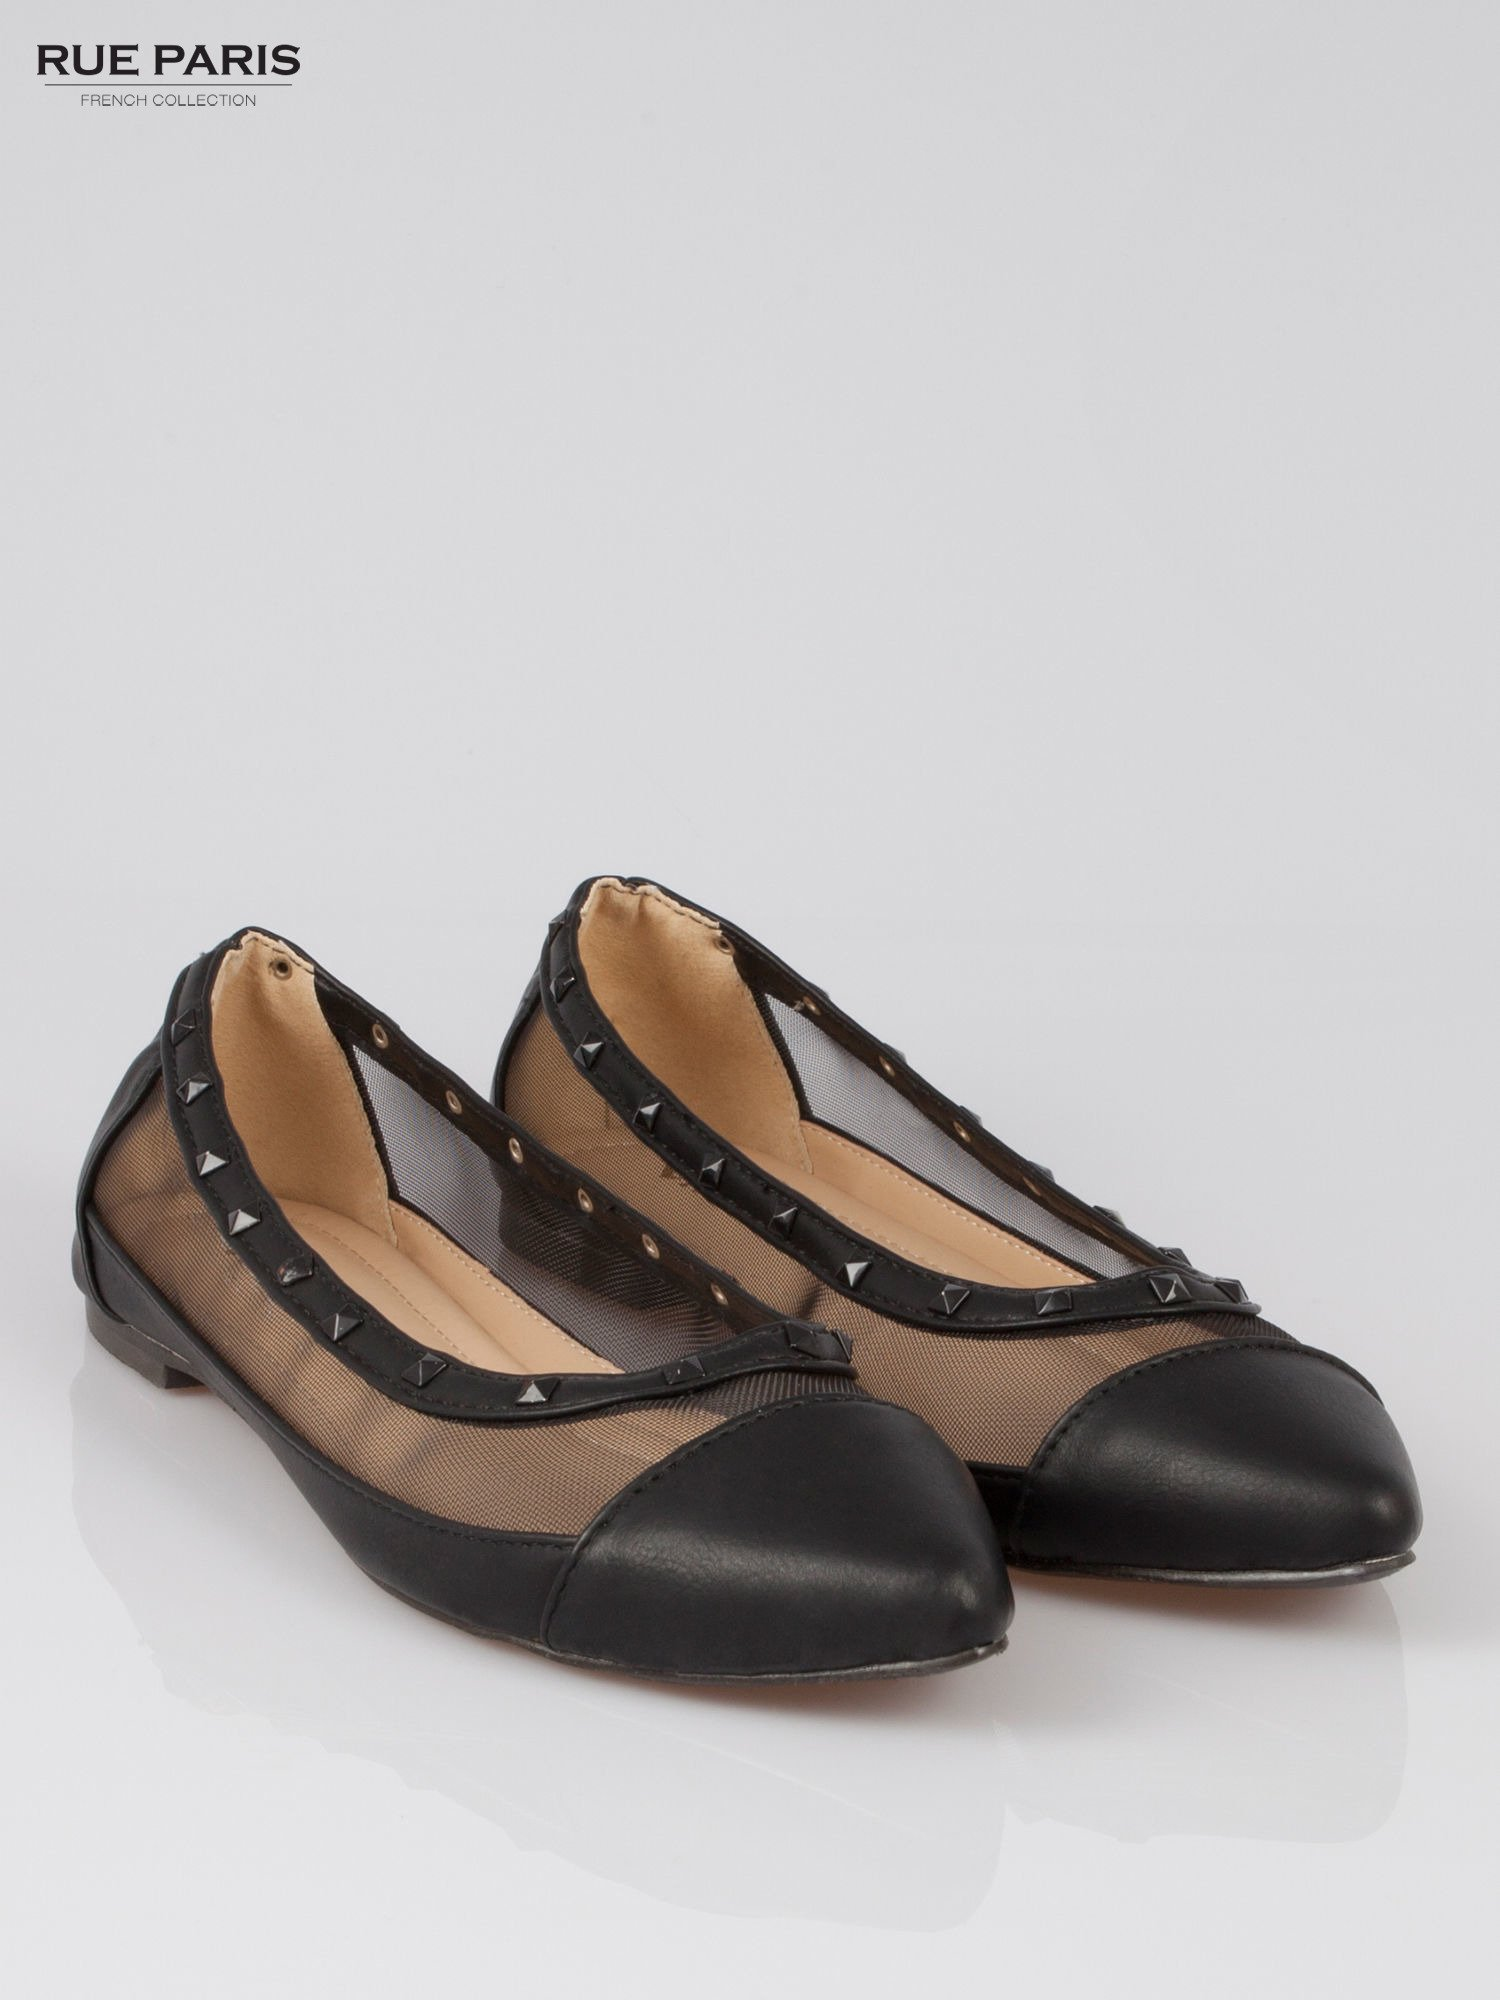 Czarne baleriny Crystal leather z siateczką i ćwiekami                                  zdj.                                  2